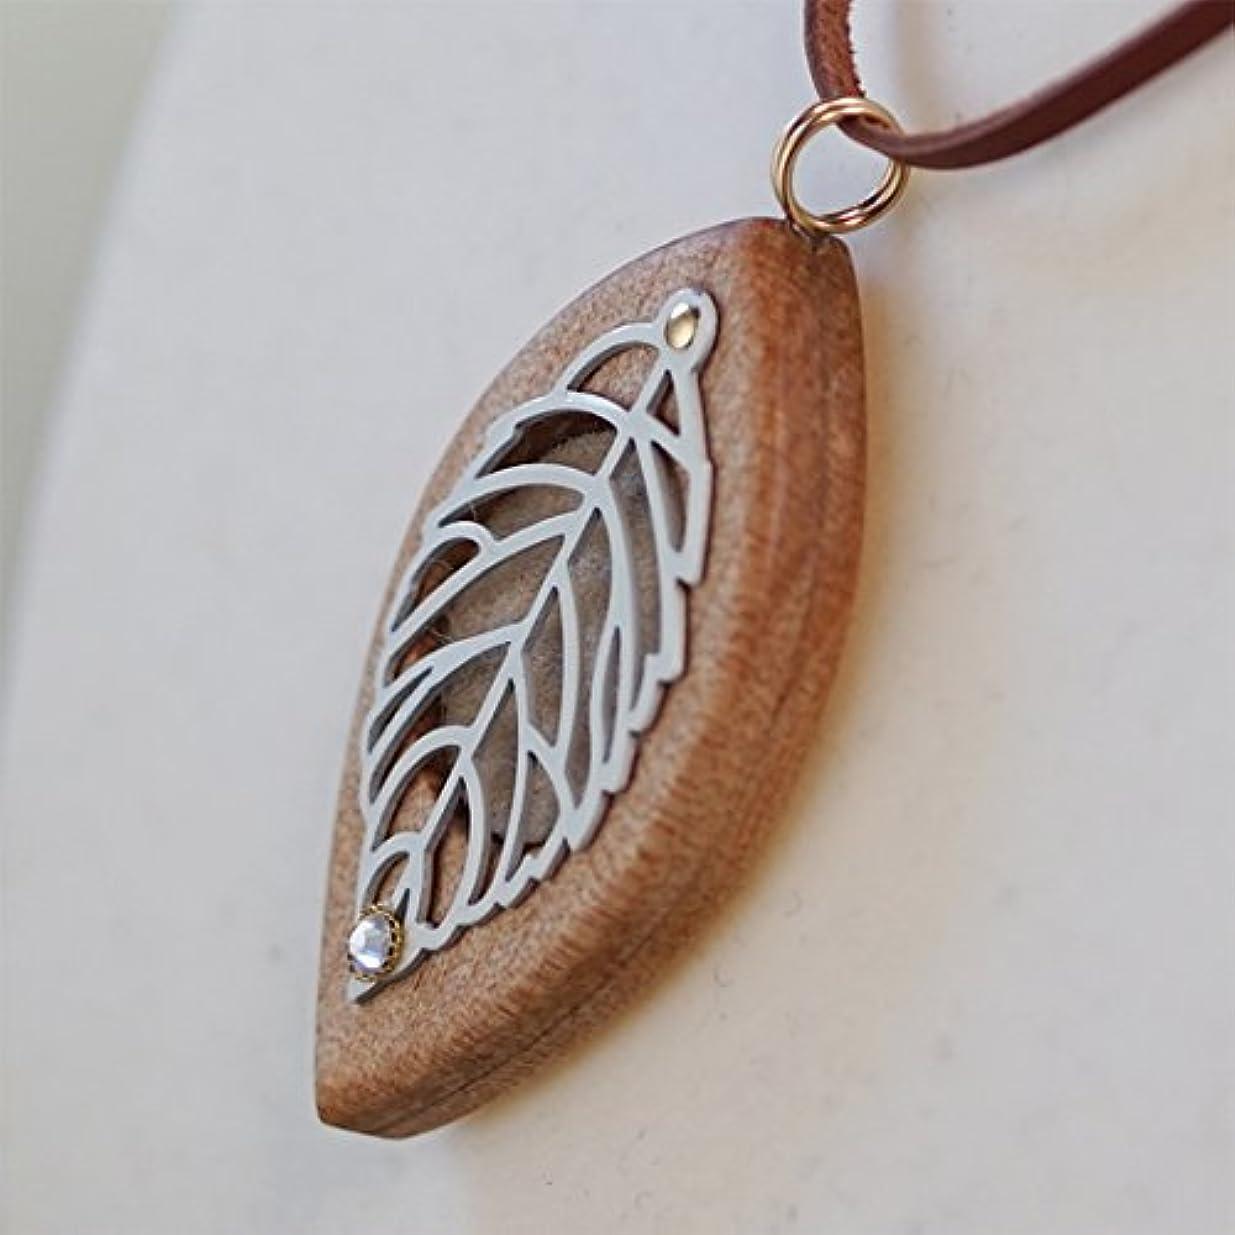 多様体トランスペアレントまたはどちらか木製オリジナルアロマペンダント 【天使の小瓶】 木の葉(シルバー)